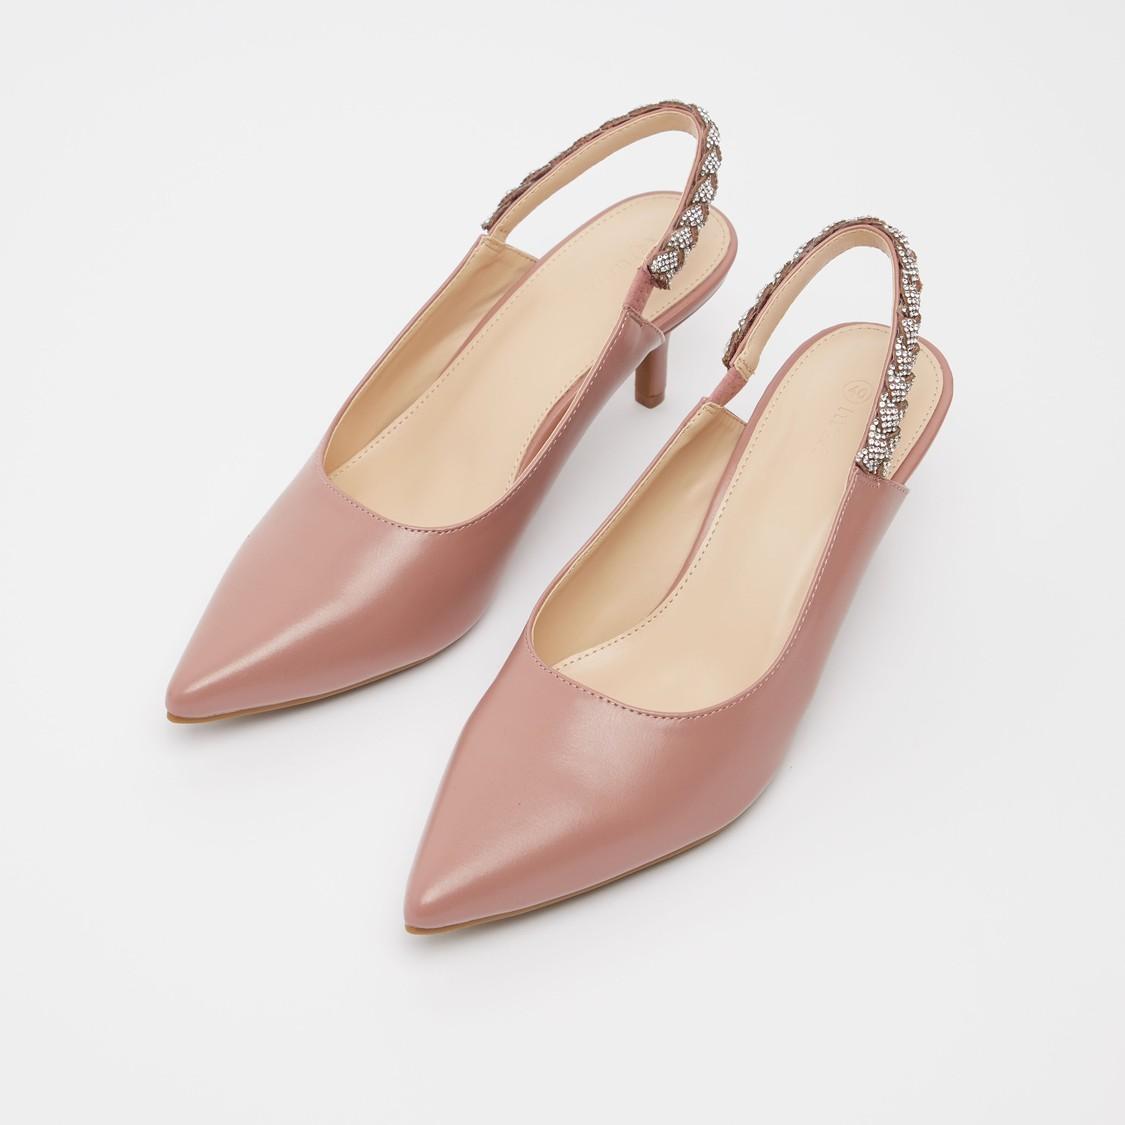 حذاء بكعب صغير بحزام خلفي مرصّع بارز الملمس